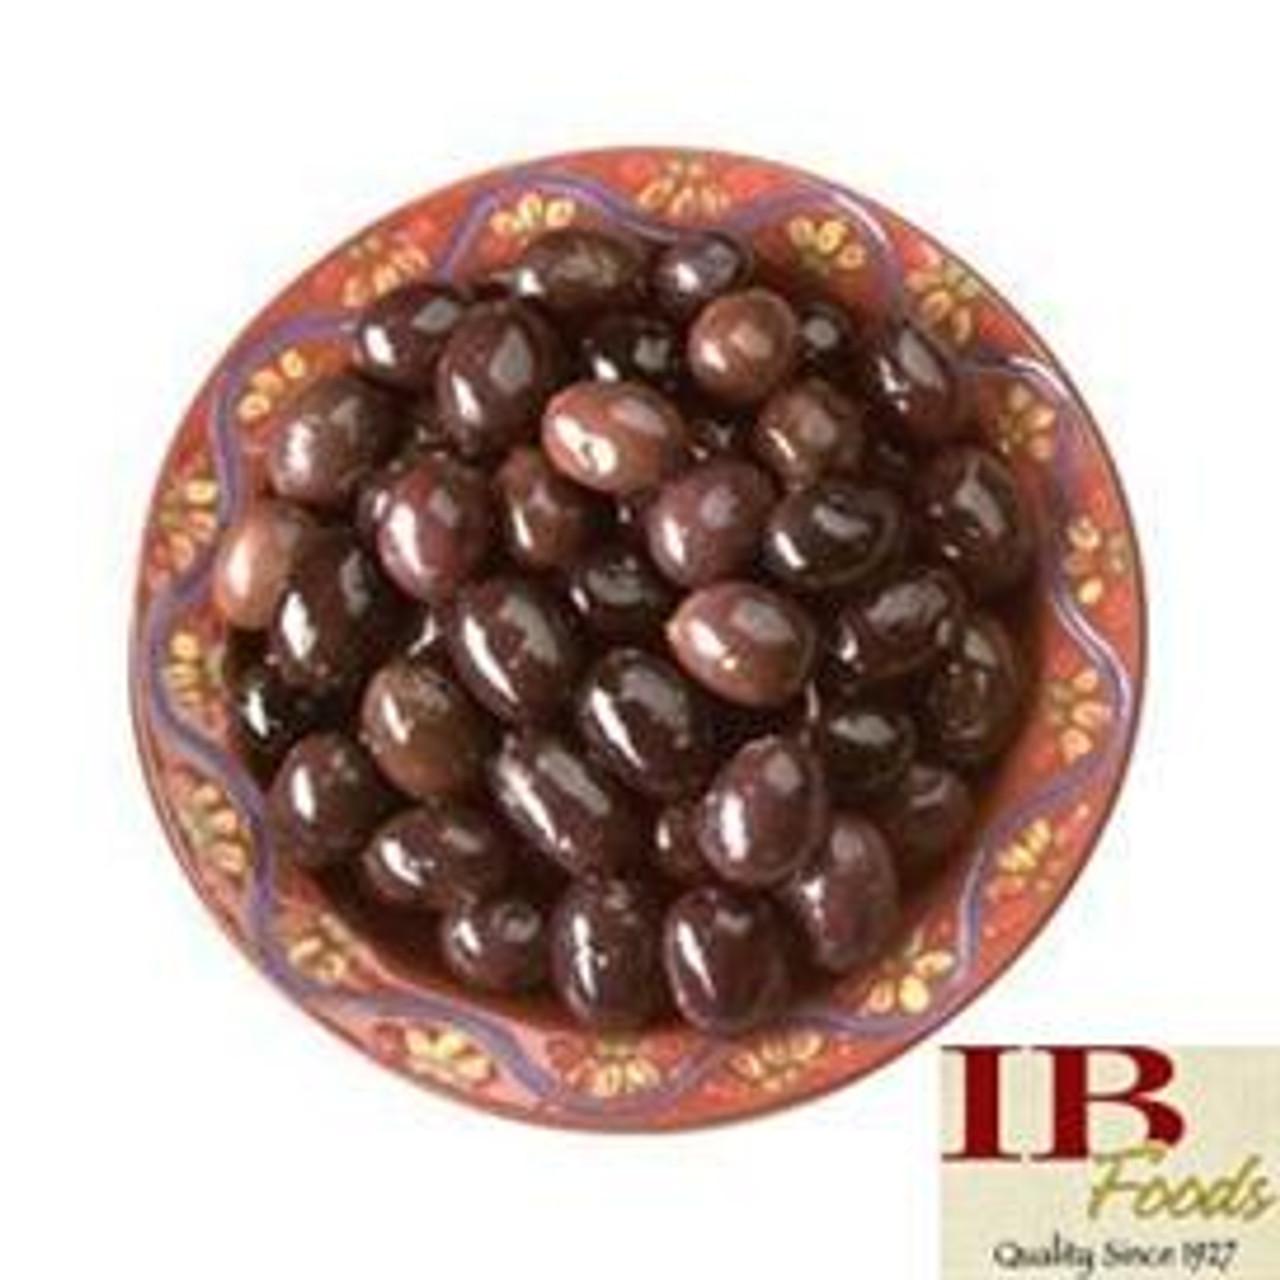 Gaeta Black Olives